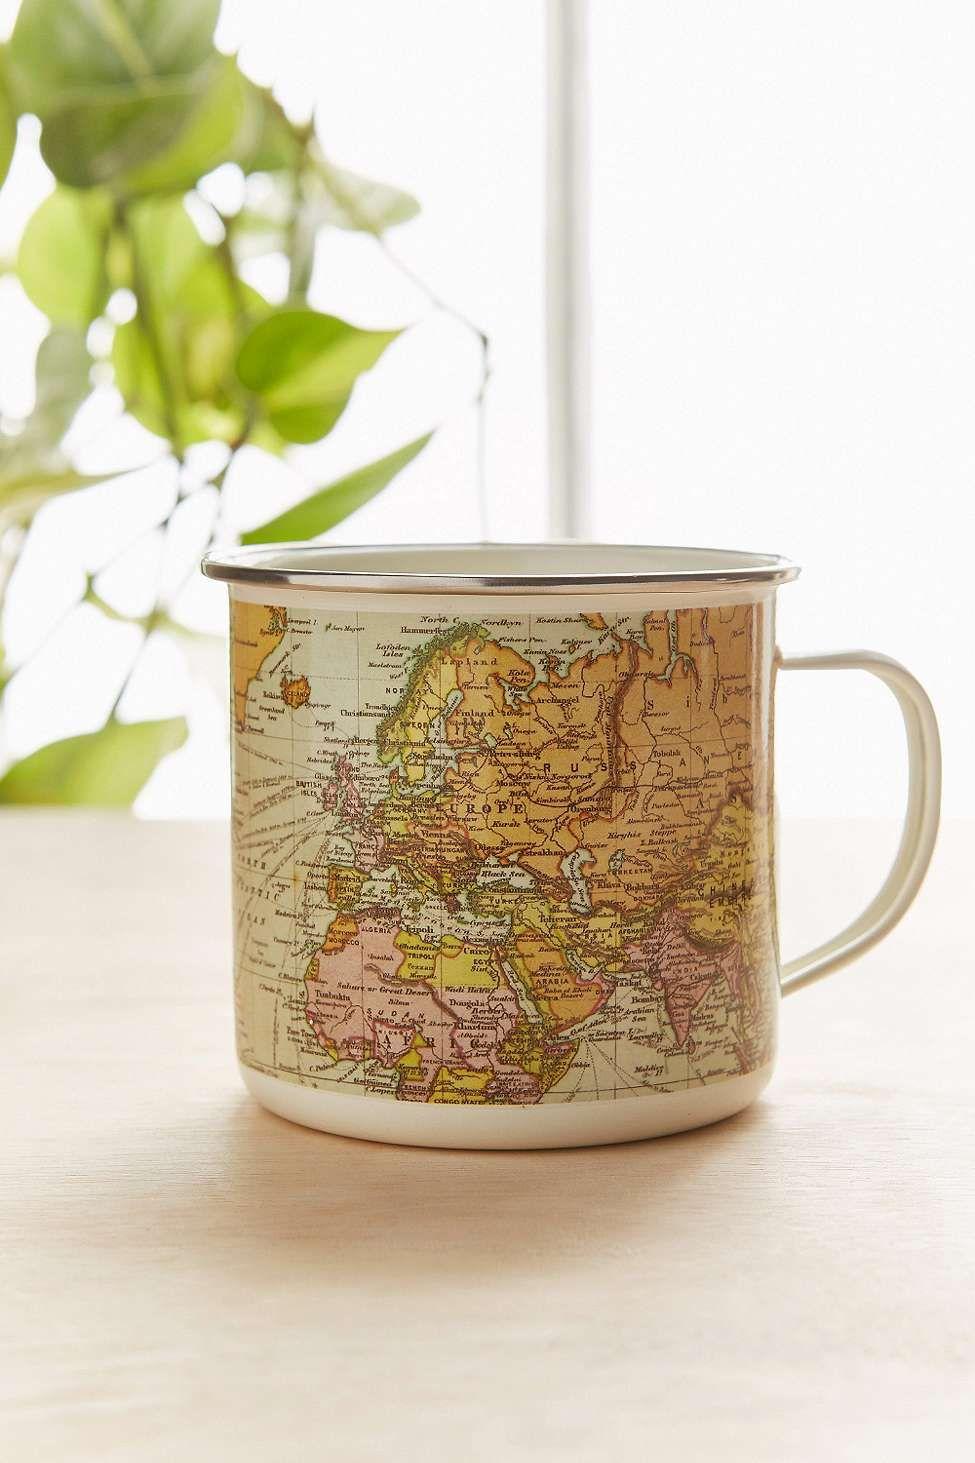 Emaillierter Becher mit Weltkarte | Weltkarte, Becher und Urban ...